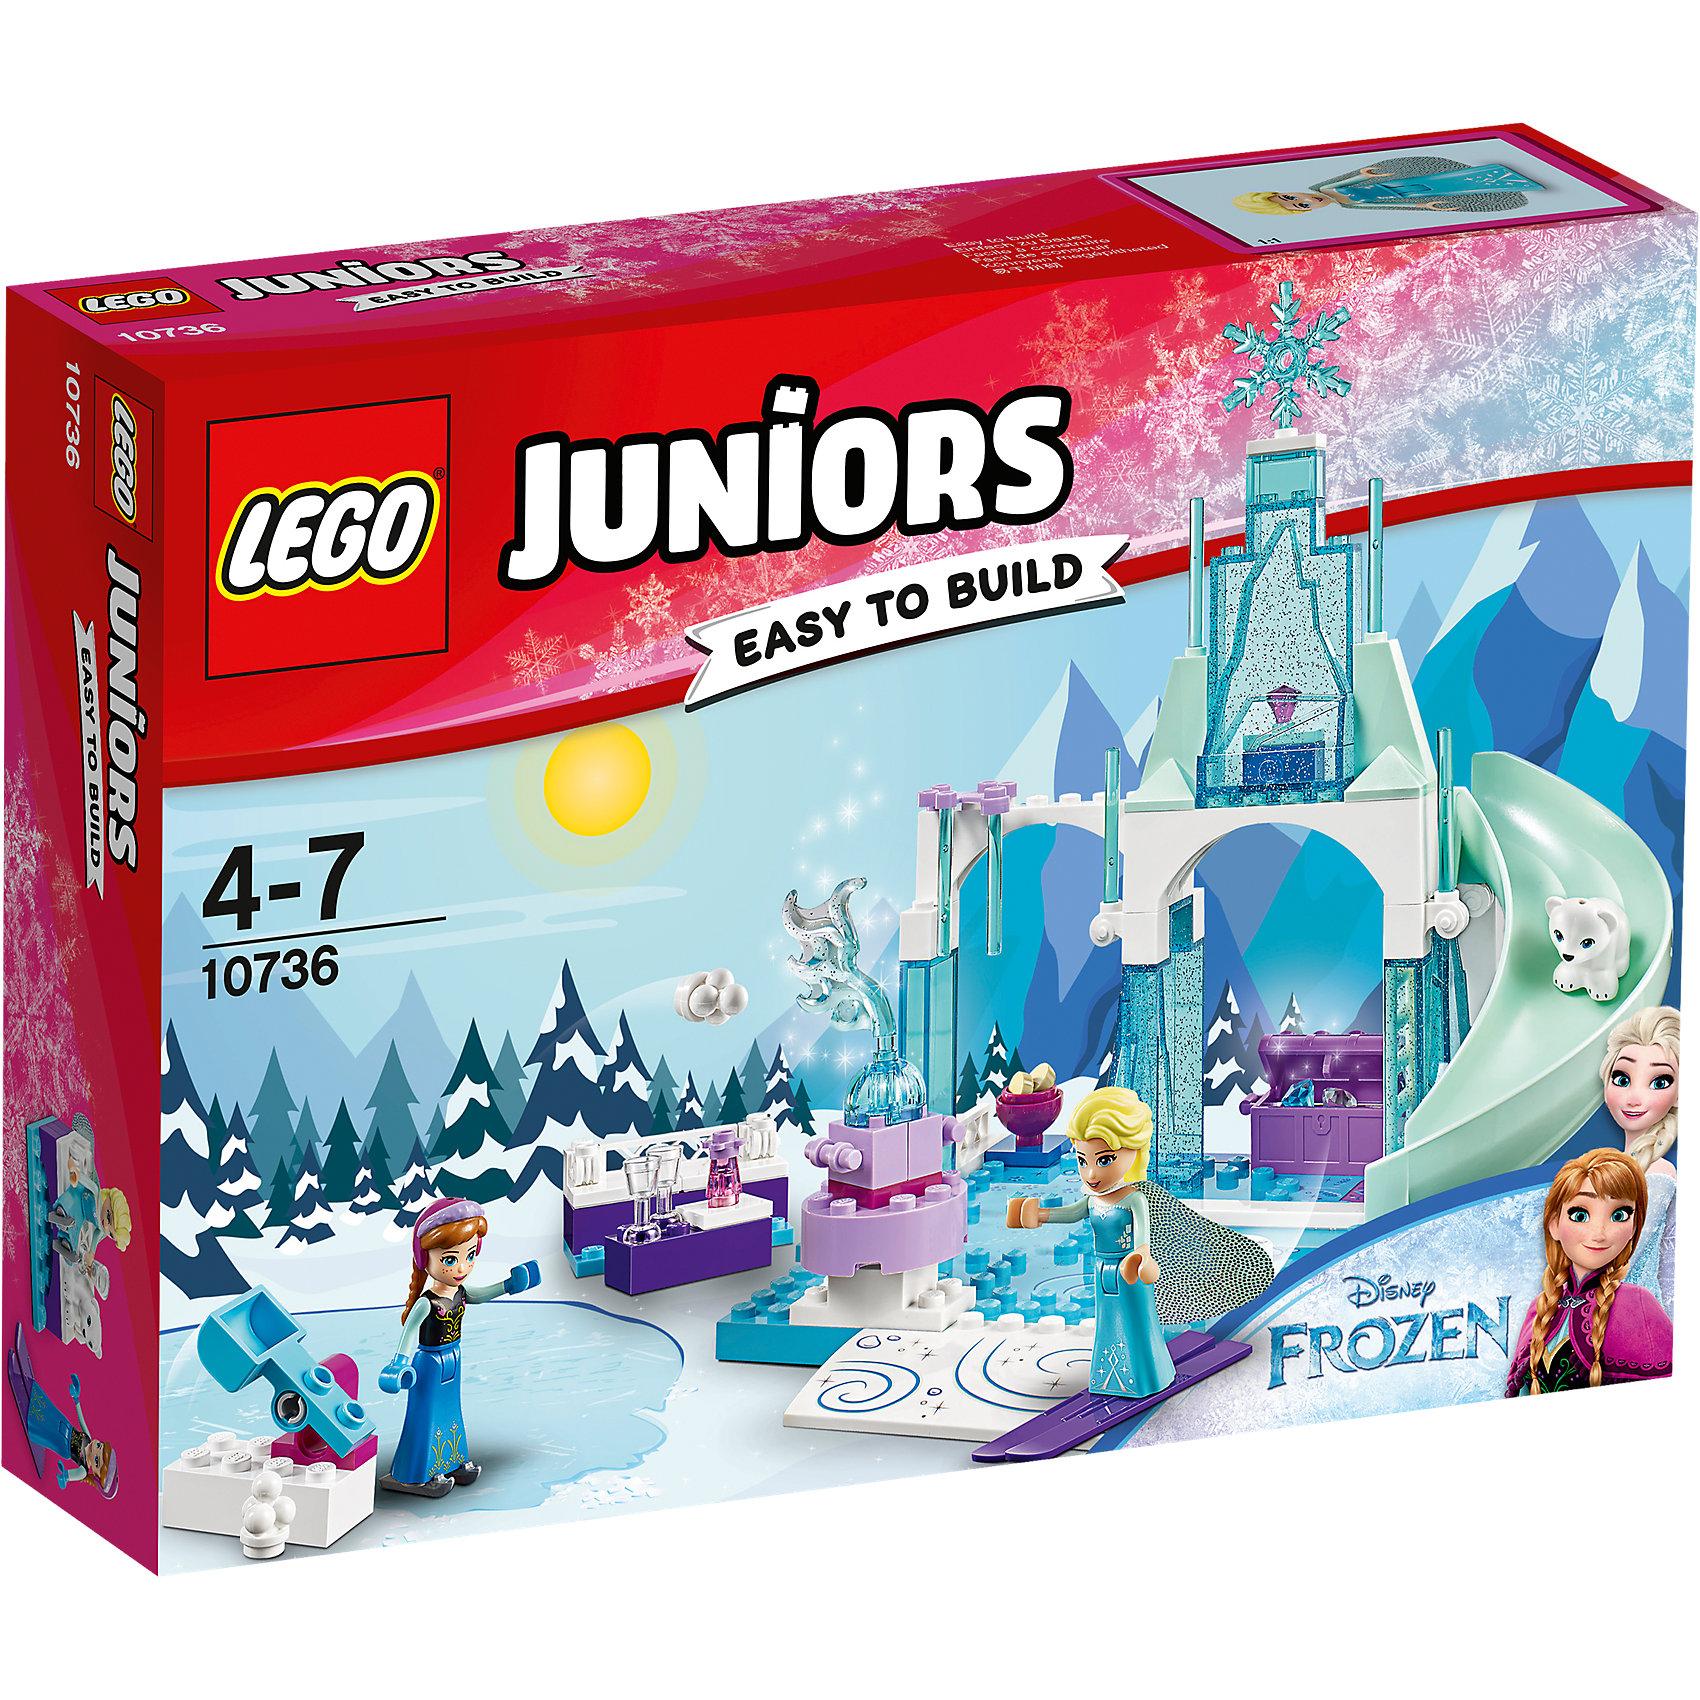 LEGO Juniors 10736: Игровая площадка Эльзы и АнныКонструкторы Лего<br>LEGO Juniors 10736: Игровая площадка Эльзы и Анны<br><br>Характеристики:<br><br>- в набор входит: детали ледяной площадки, 3 фигурки, аксессуары, красочная инструкция<br>- фигурки набора: Анна, Эльза и фигурка белого медвежонка<br>- состав: пластик<br>- количество деталей: 94 <br>- размер упаковки: 26 * 5 * 19 см.<br>- размер ледяной площадки: 20 * 15 * 18 см.<br>- для детей в возрасте: от 4 до 7 лет<br>- Страна производитель: Дания/Китай/Чехия<br><br>Легендарный конструктор LEGO (ЛЕГО) представляет серию «Juniors» (Джуниорс) для новичков в строительстве из конструктора ЛЕГО. Набор «Игровая площадка Эльзы и Анны» включает в себя большую двухуровневую ледяную площадку для игр, украшенную ледяными сосульками, прозрачными деталями с блестками внутри, снежинками, замерзшим фонтаном и наполненную аксессуарами. Большая горка подарит много веселья двум сестрам в морозный день, они могут забираться на нее по лестнице и скатываться вместе с медвежонком. Красивый лиловый сундучок хранит в себе два драгоценных камня. Специальная катапульта для снежков сделает игры девочек со снежками еще интереснее. Эльза взяла с собой свои фиолетовые лыжи, а Анна захватила с собой коньки, сестры очень любят кататься и отлично проводить время вместе! После насыщенных игр Анна и Эльза могут присесть на снежную скамейку с горячими напитками и отдохнуть, в набор входят два кристальных кубка для каждой из девочек и печенье для медвежонка. Благодаря крупным деталям площадку легко строить, а наличие разных тематических аксессуаров позволит игре быть еще более реалистичной. Играя с конструктором ребенок развивает моторику рук, воображение и логическое мышление. Придумывайте новые игры с набором LEGO «Juniors»!<br><br>Конструктор LEGO Juniors 10736: Игровая площадка Эльзы и Анны можно купить в нашем интернет-магазине.<br><br>Ширина мм: 263<br>Глубина мм: 190<br>Высота мм: 60<br>Вес г: 322<br>Возраст от месяцев: 48<br>Возраст до меся